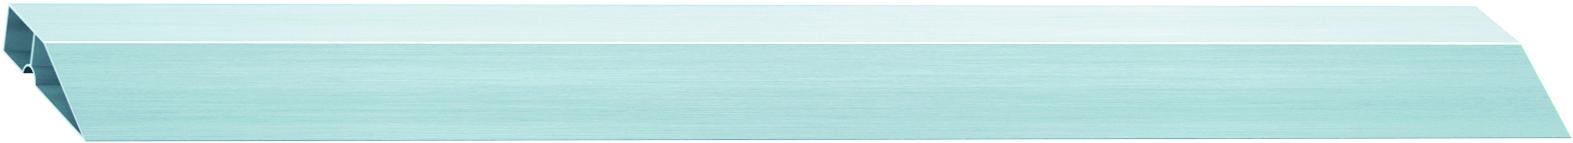 Правило алюминиевое Сибртех Трапеция, 1 ребро жесткости, длина 1 м правило сибртех 89604 алюминиевое трапеция 2 ребра жесткости l 2 5 м